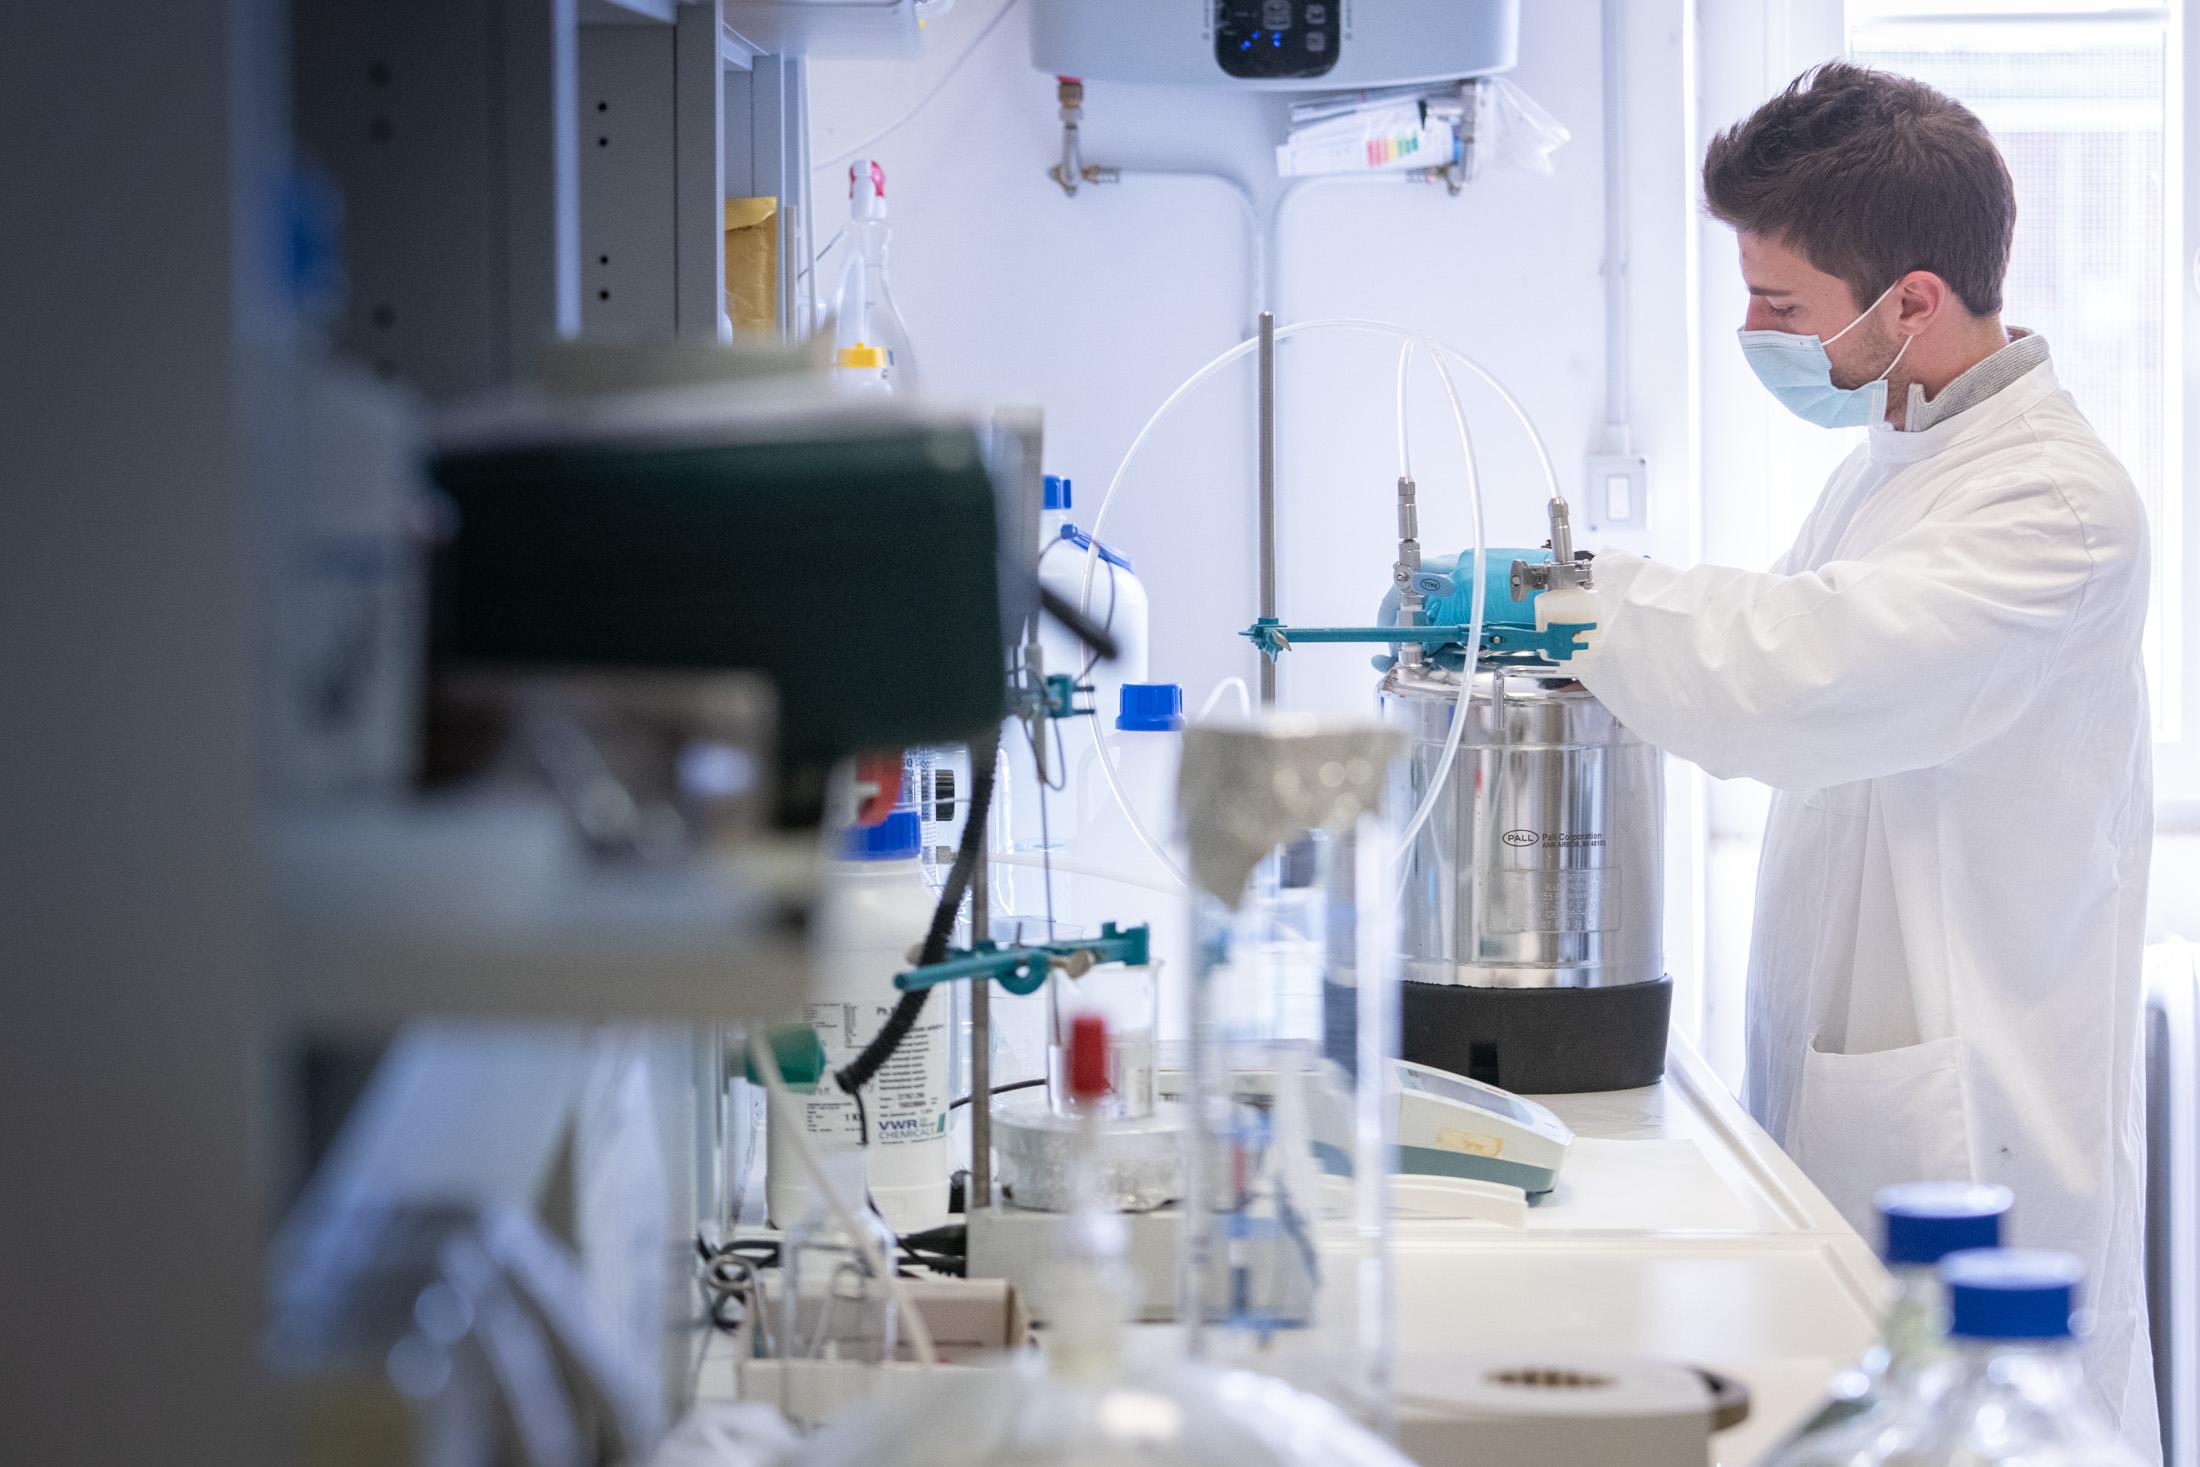 Regione Friuli investe due milioni di euro nella biofarmaceutica Bmg Pharma